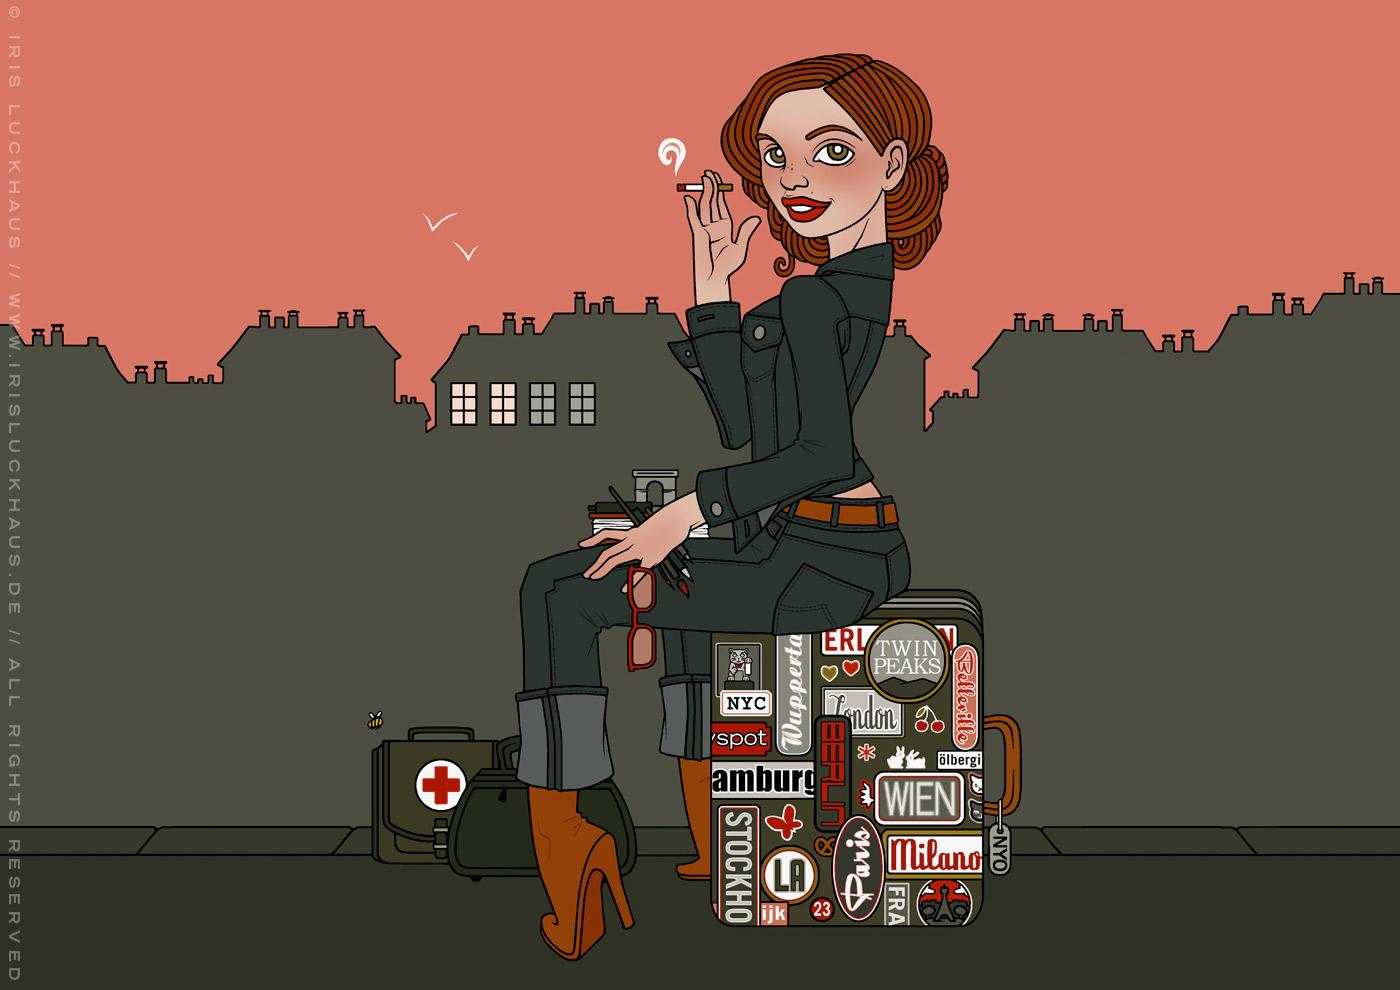 Illustration eines Mädchens auf Reisen, das in Jeans auf einem Koffer voller Erinnerungen und Souvenirs sitzt, wartet und raucht